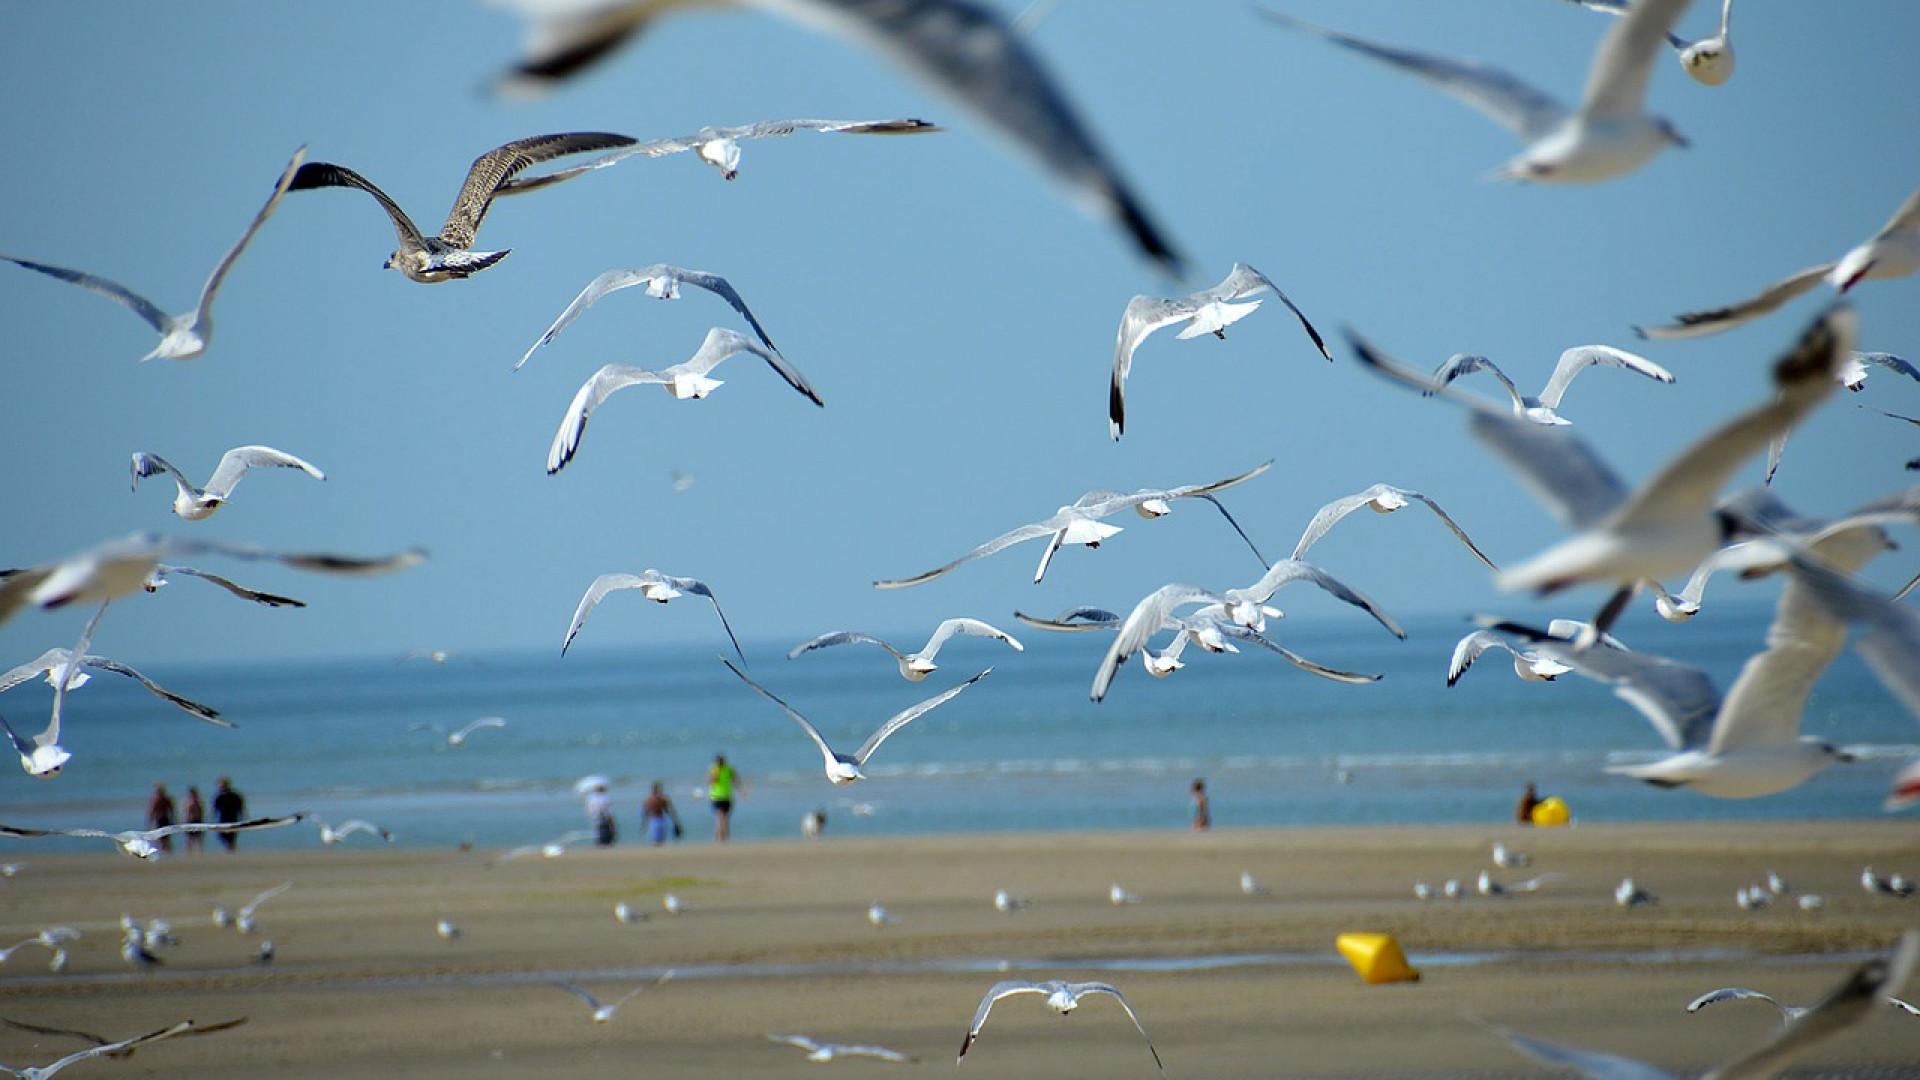 le-bord-mer-une-destination-ideale-en-toute-saison.png